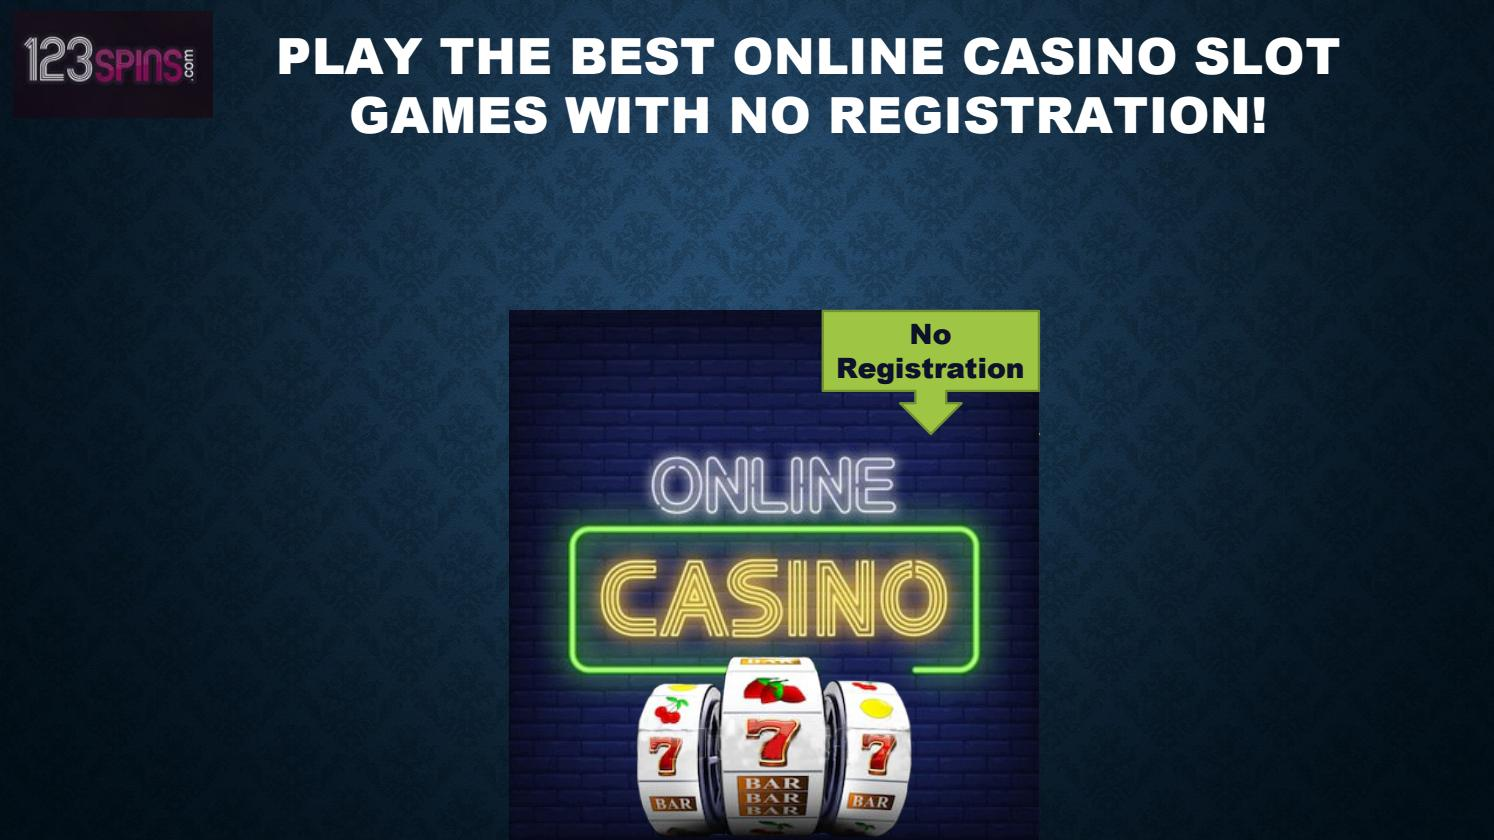 Casino online no registration казино шамбала играть i